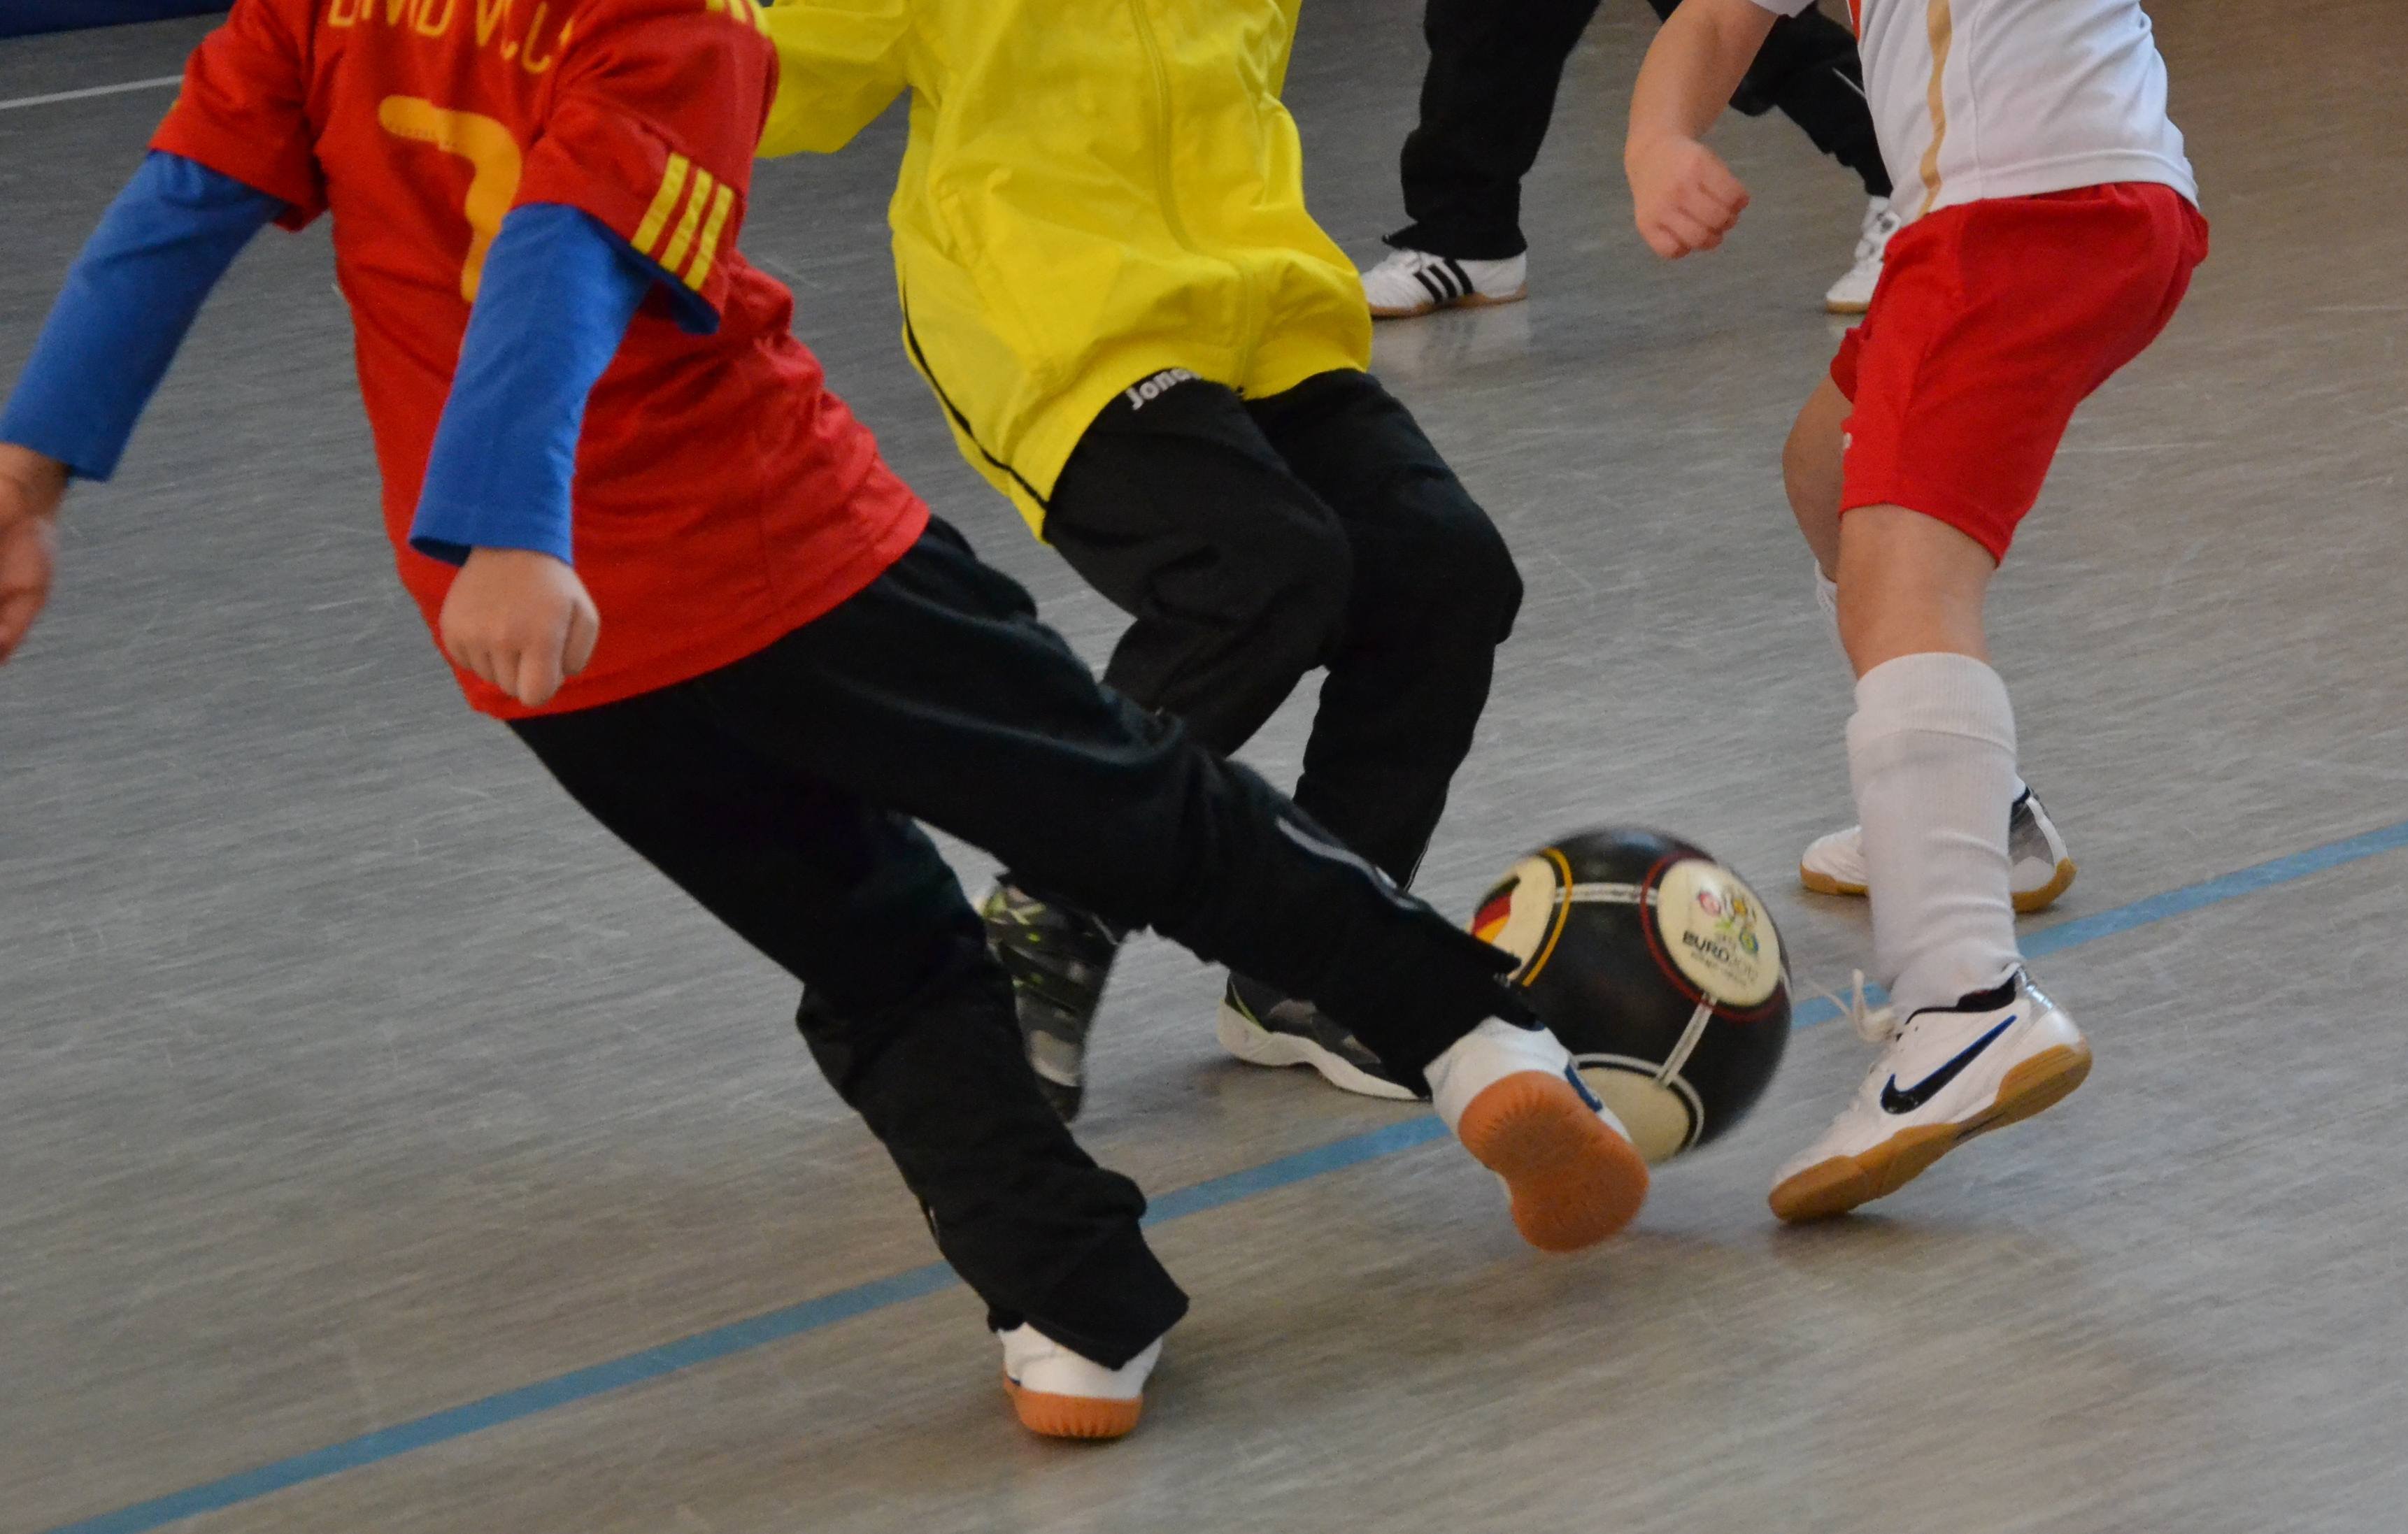 Das Fußballspiel zwischen dem Paulinum und dem Carolinum fällt aus. Foto: Marc Holzapfel / pixelio.de